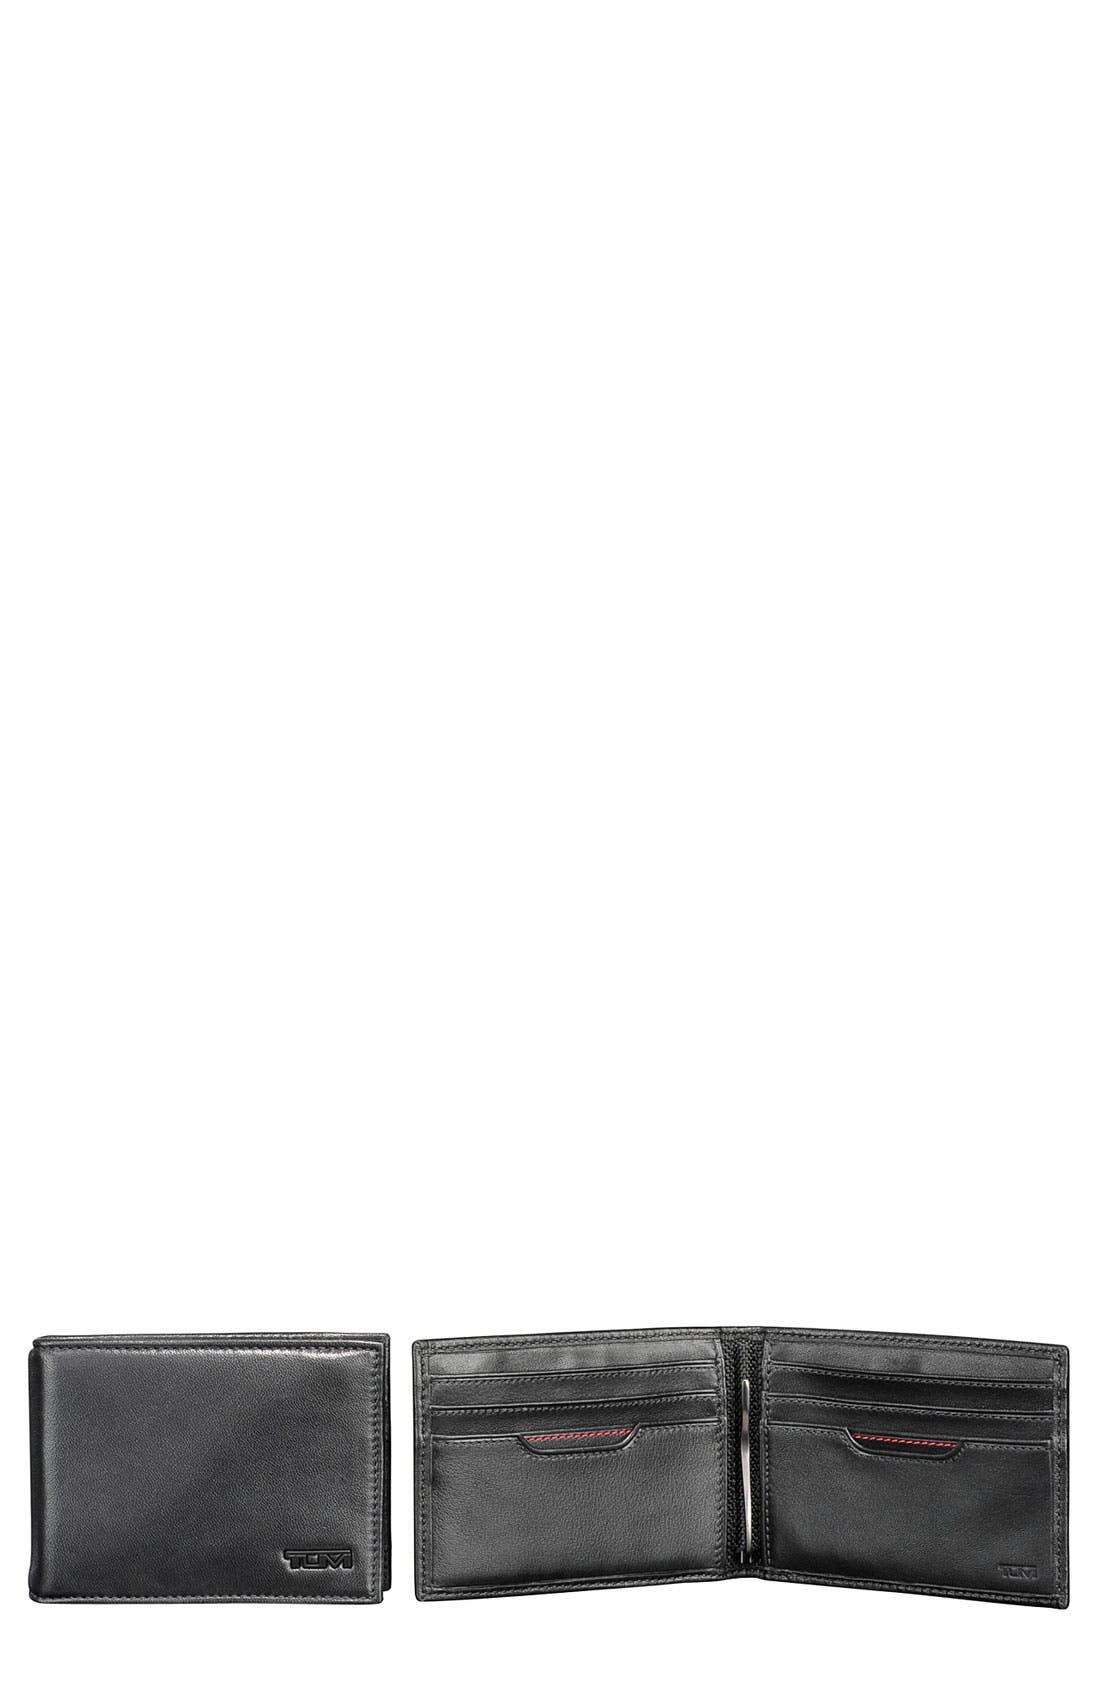 'Delta' Money Clip Wallet,                         Main,                         color, Black